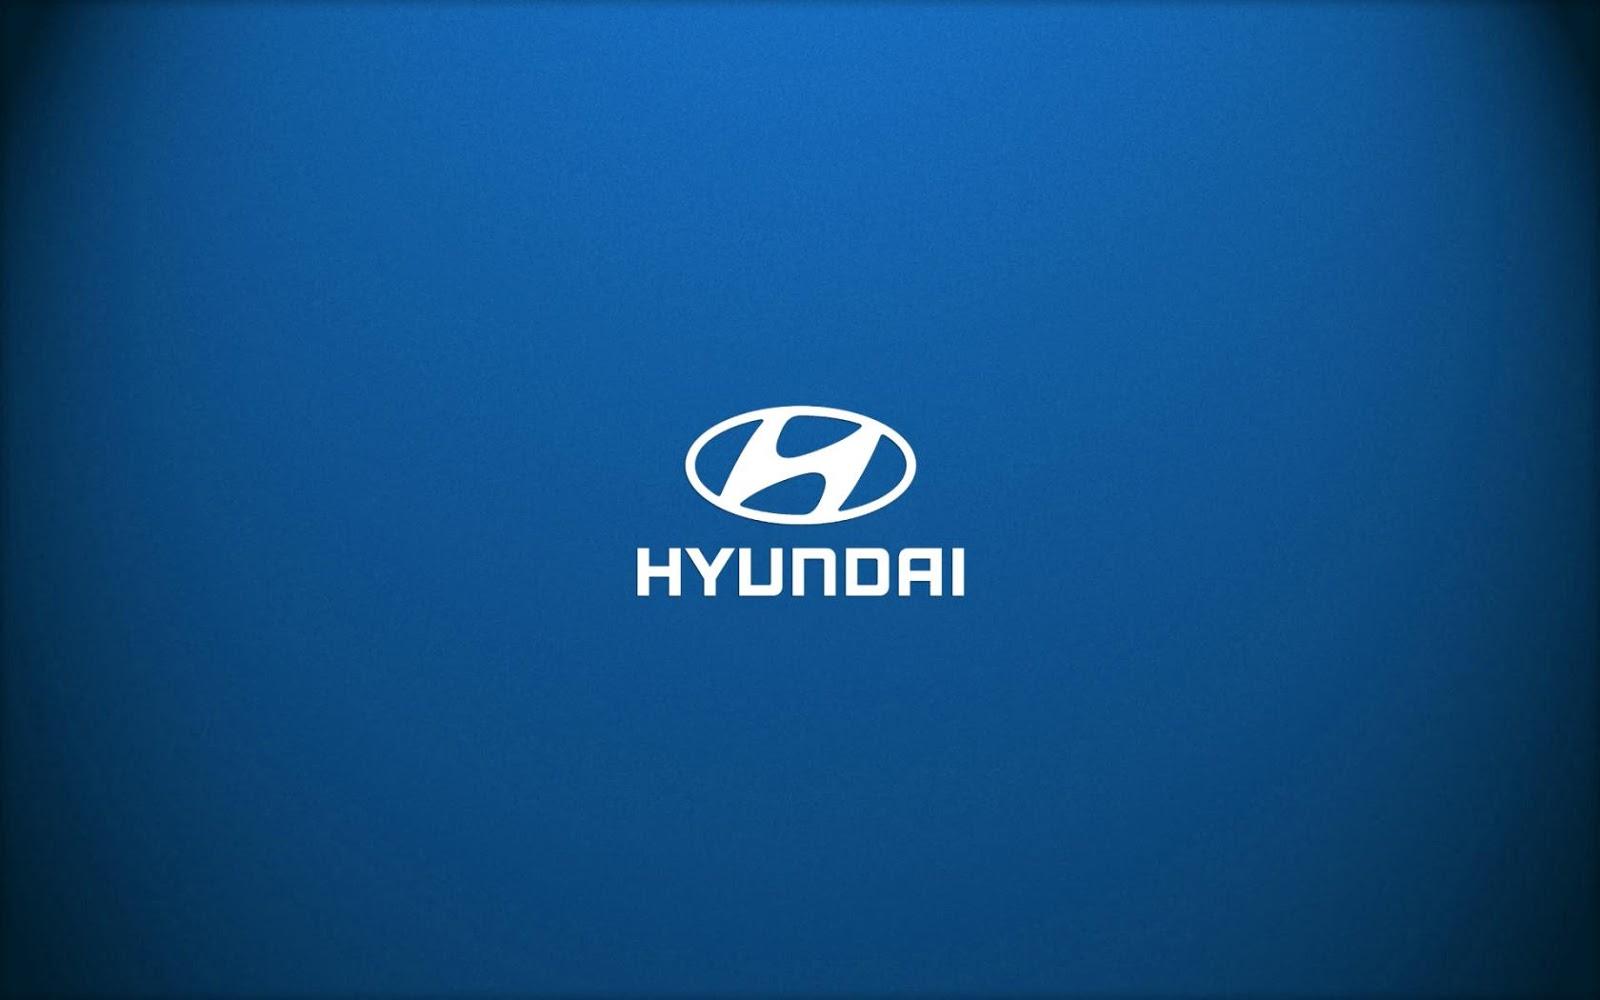 hyundai logo car image #360